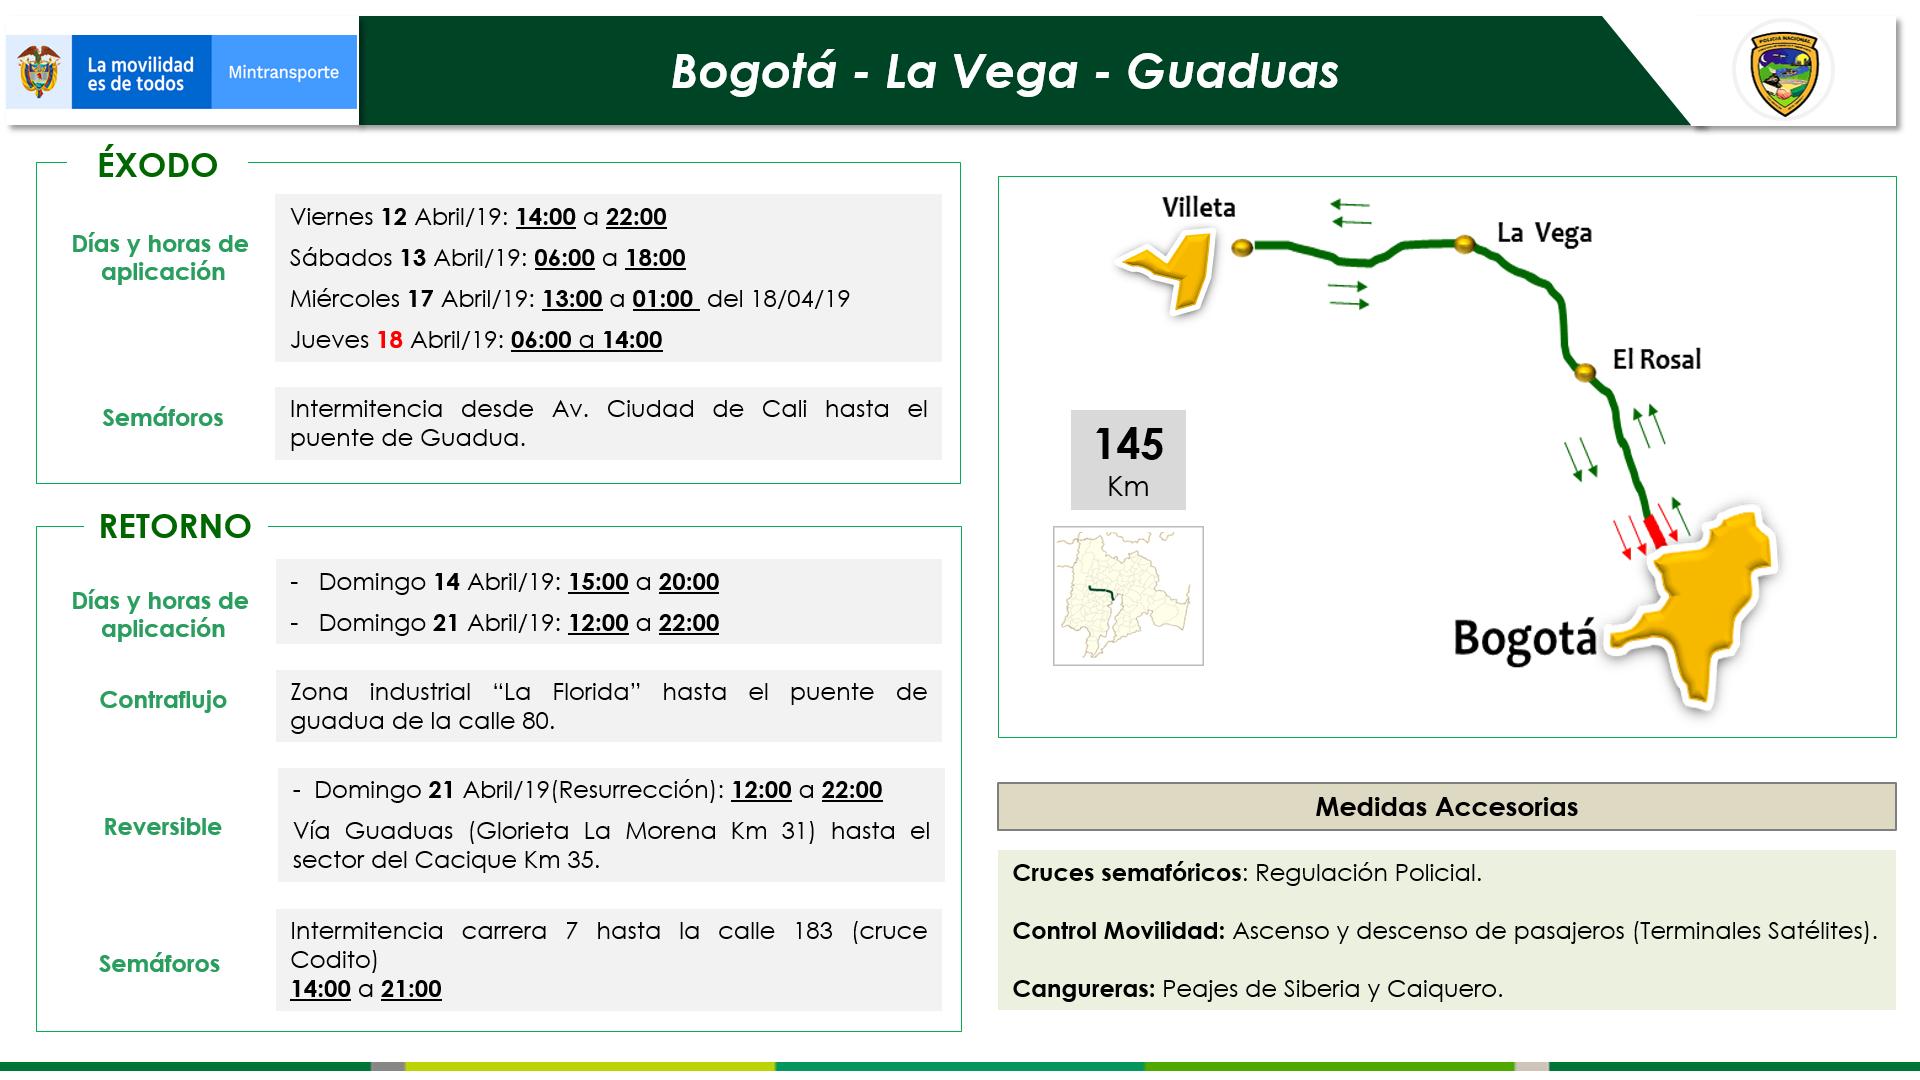 Bogotá La Vega